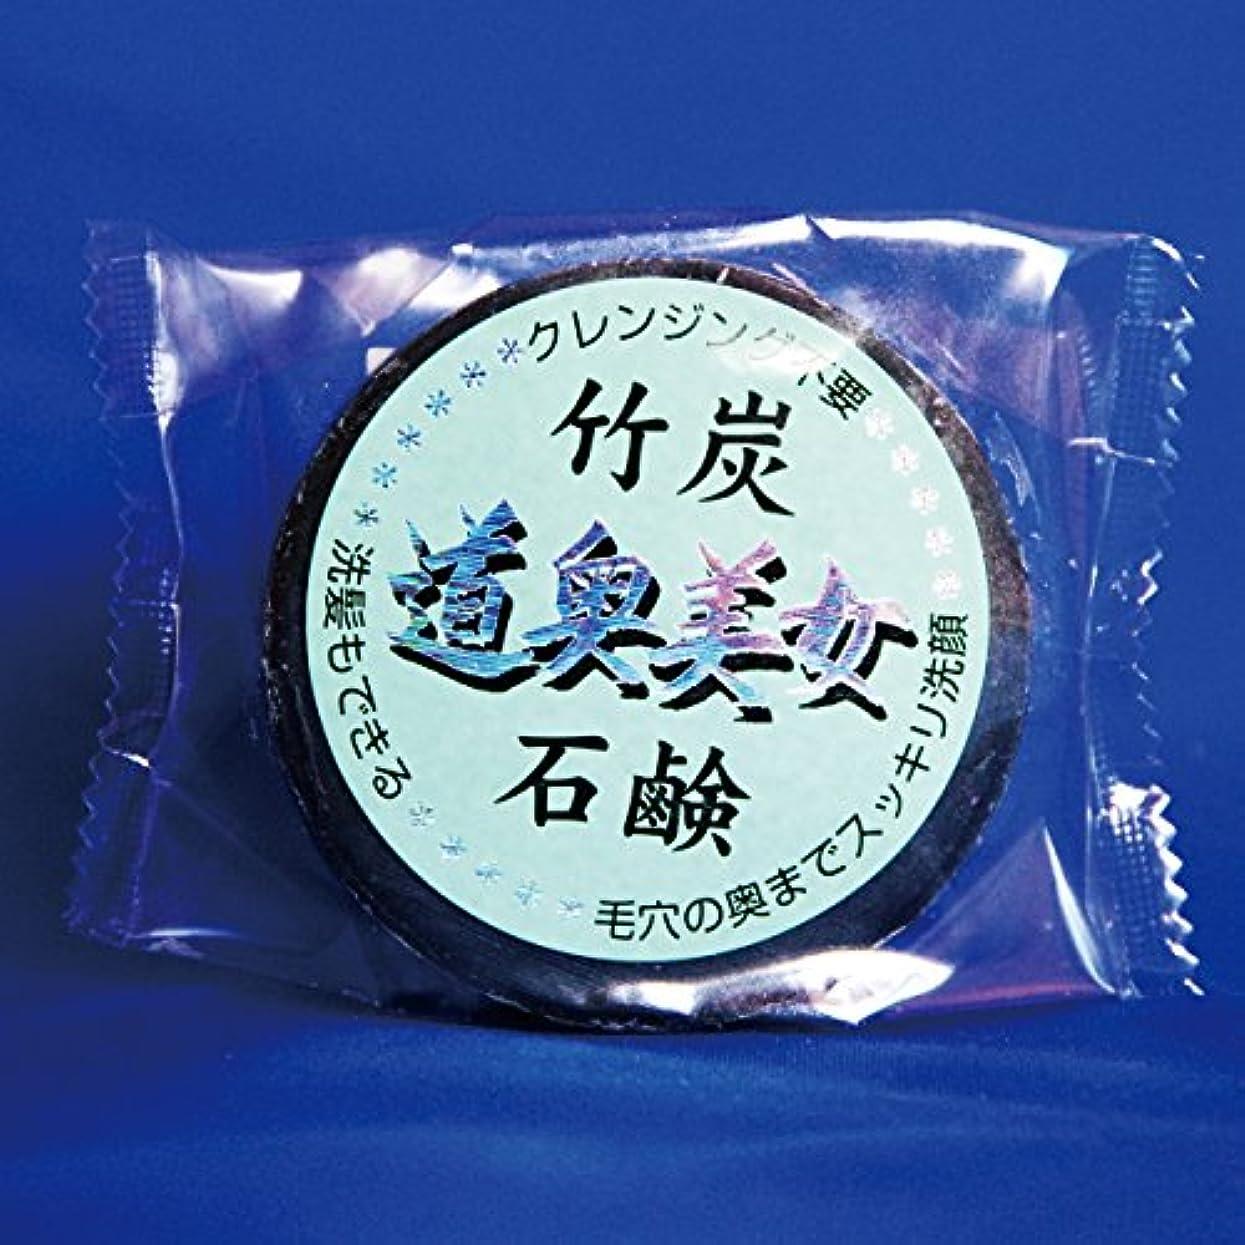 スムーズに否定する安西竹炭石鹸 100g クレンジング不要 (100g) 手作り透明石鹸 化粧石ケン